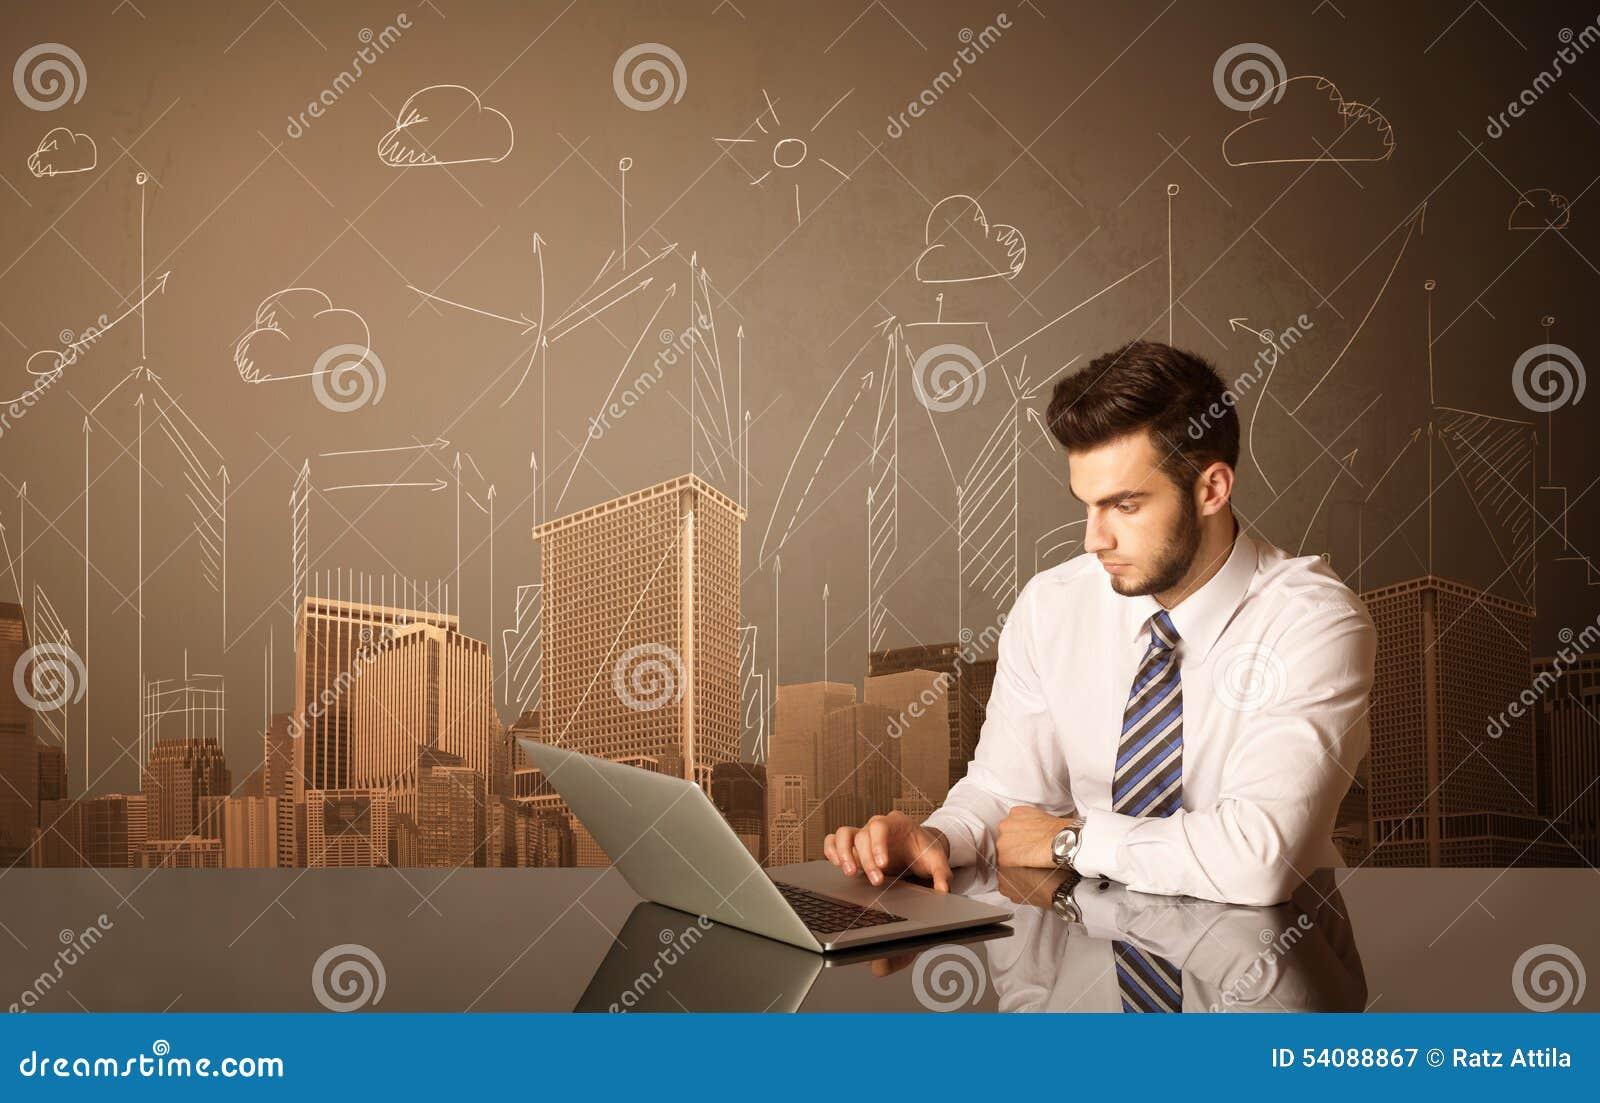 Zakenman met gebouwen en metingen